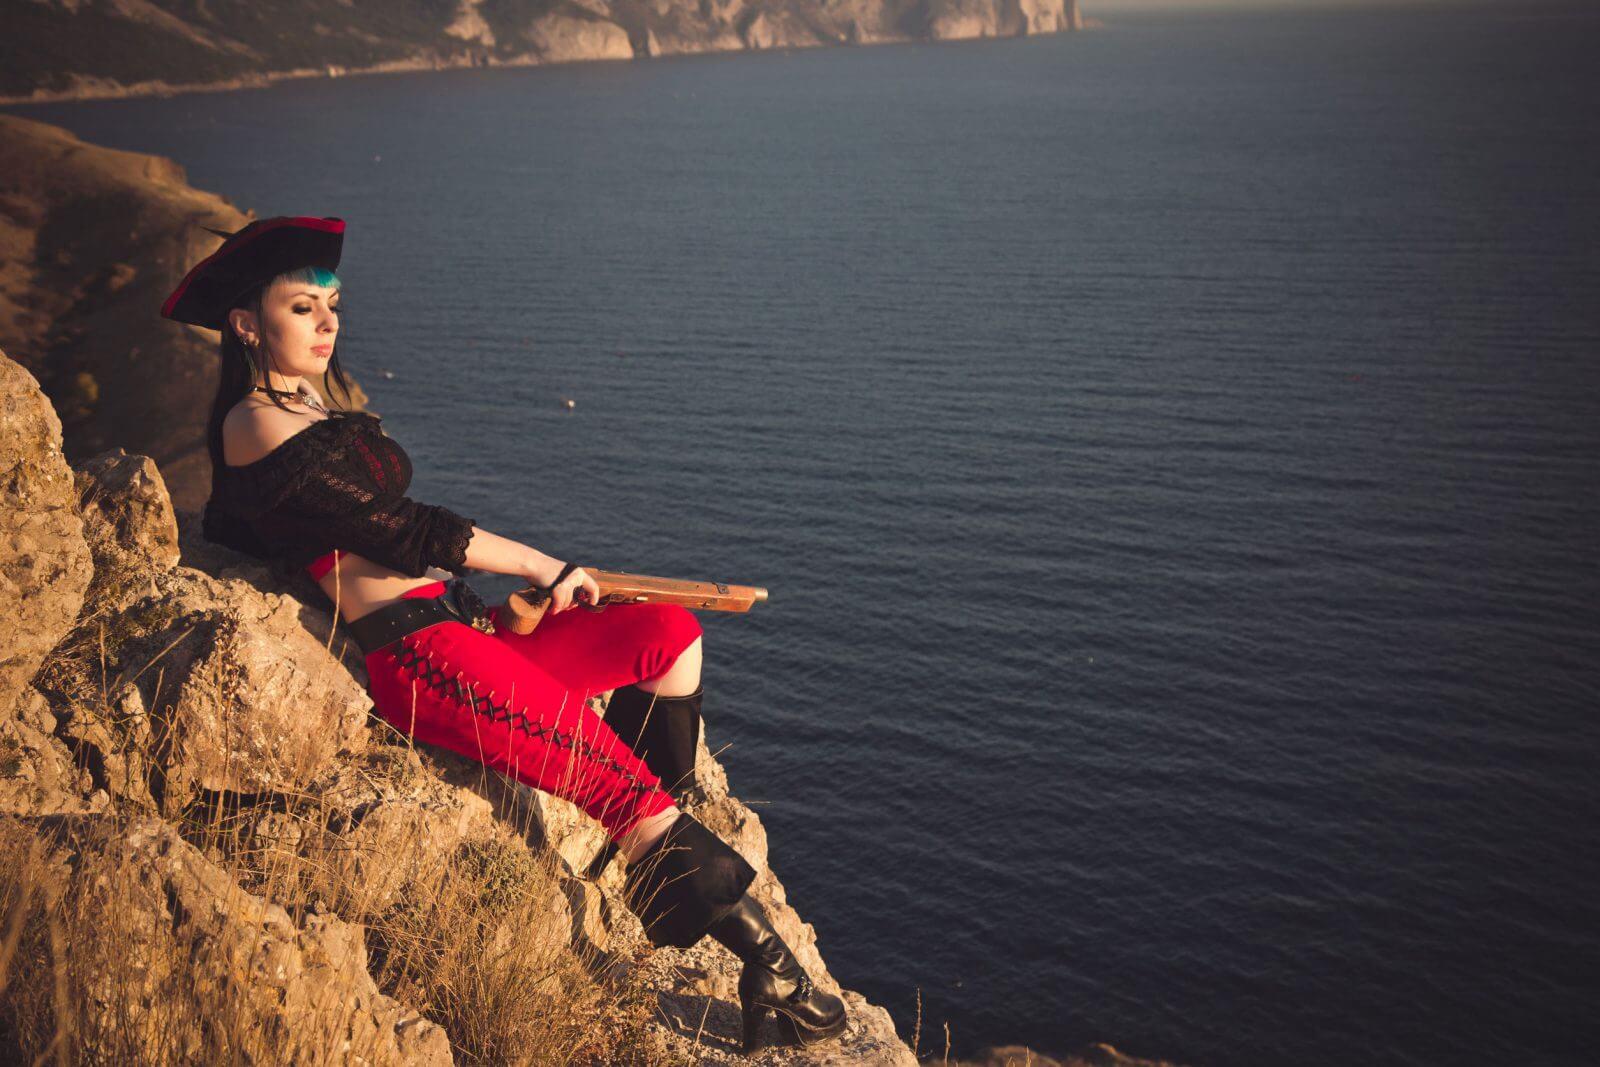 Mujeres piratas sujetan el timón